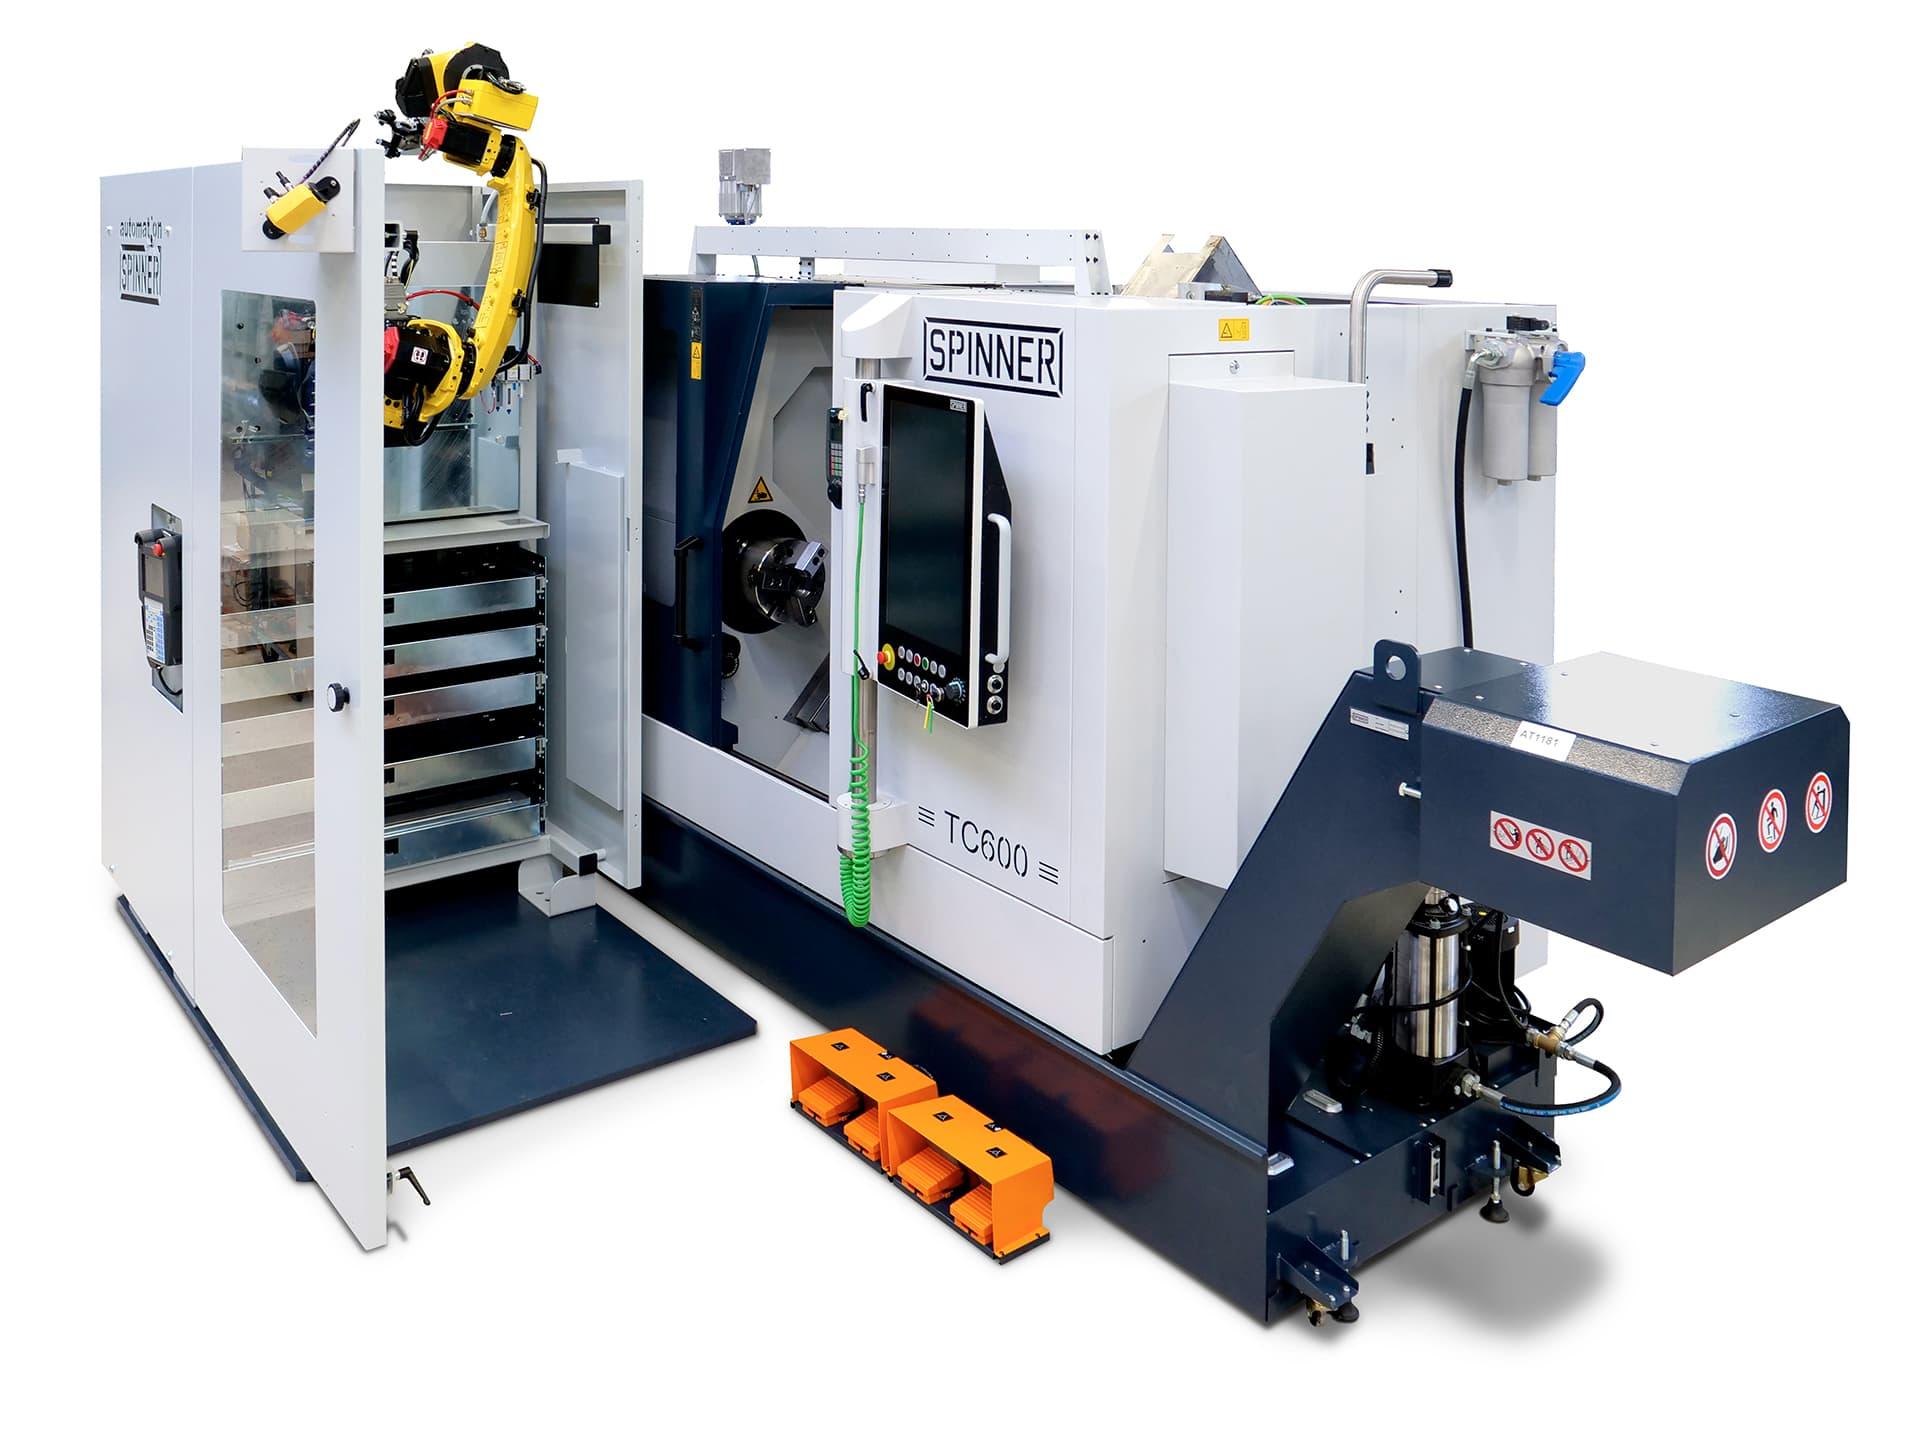 Spinner AG - Robobox mit Spinner Universaldrehmaschine TC600